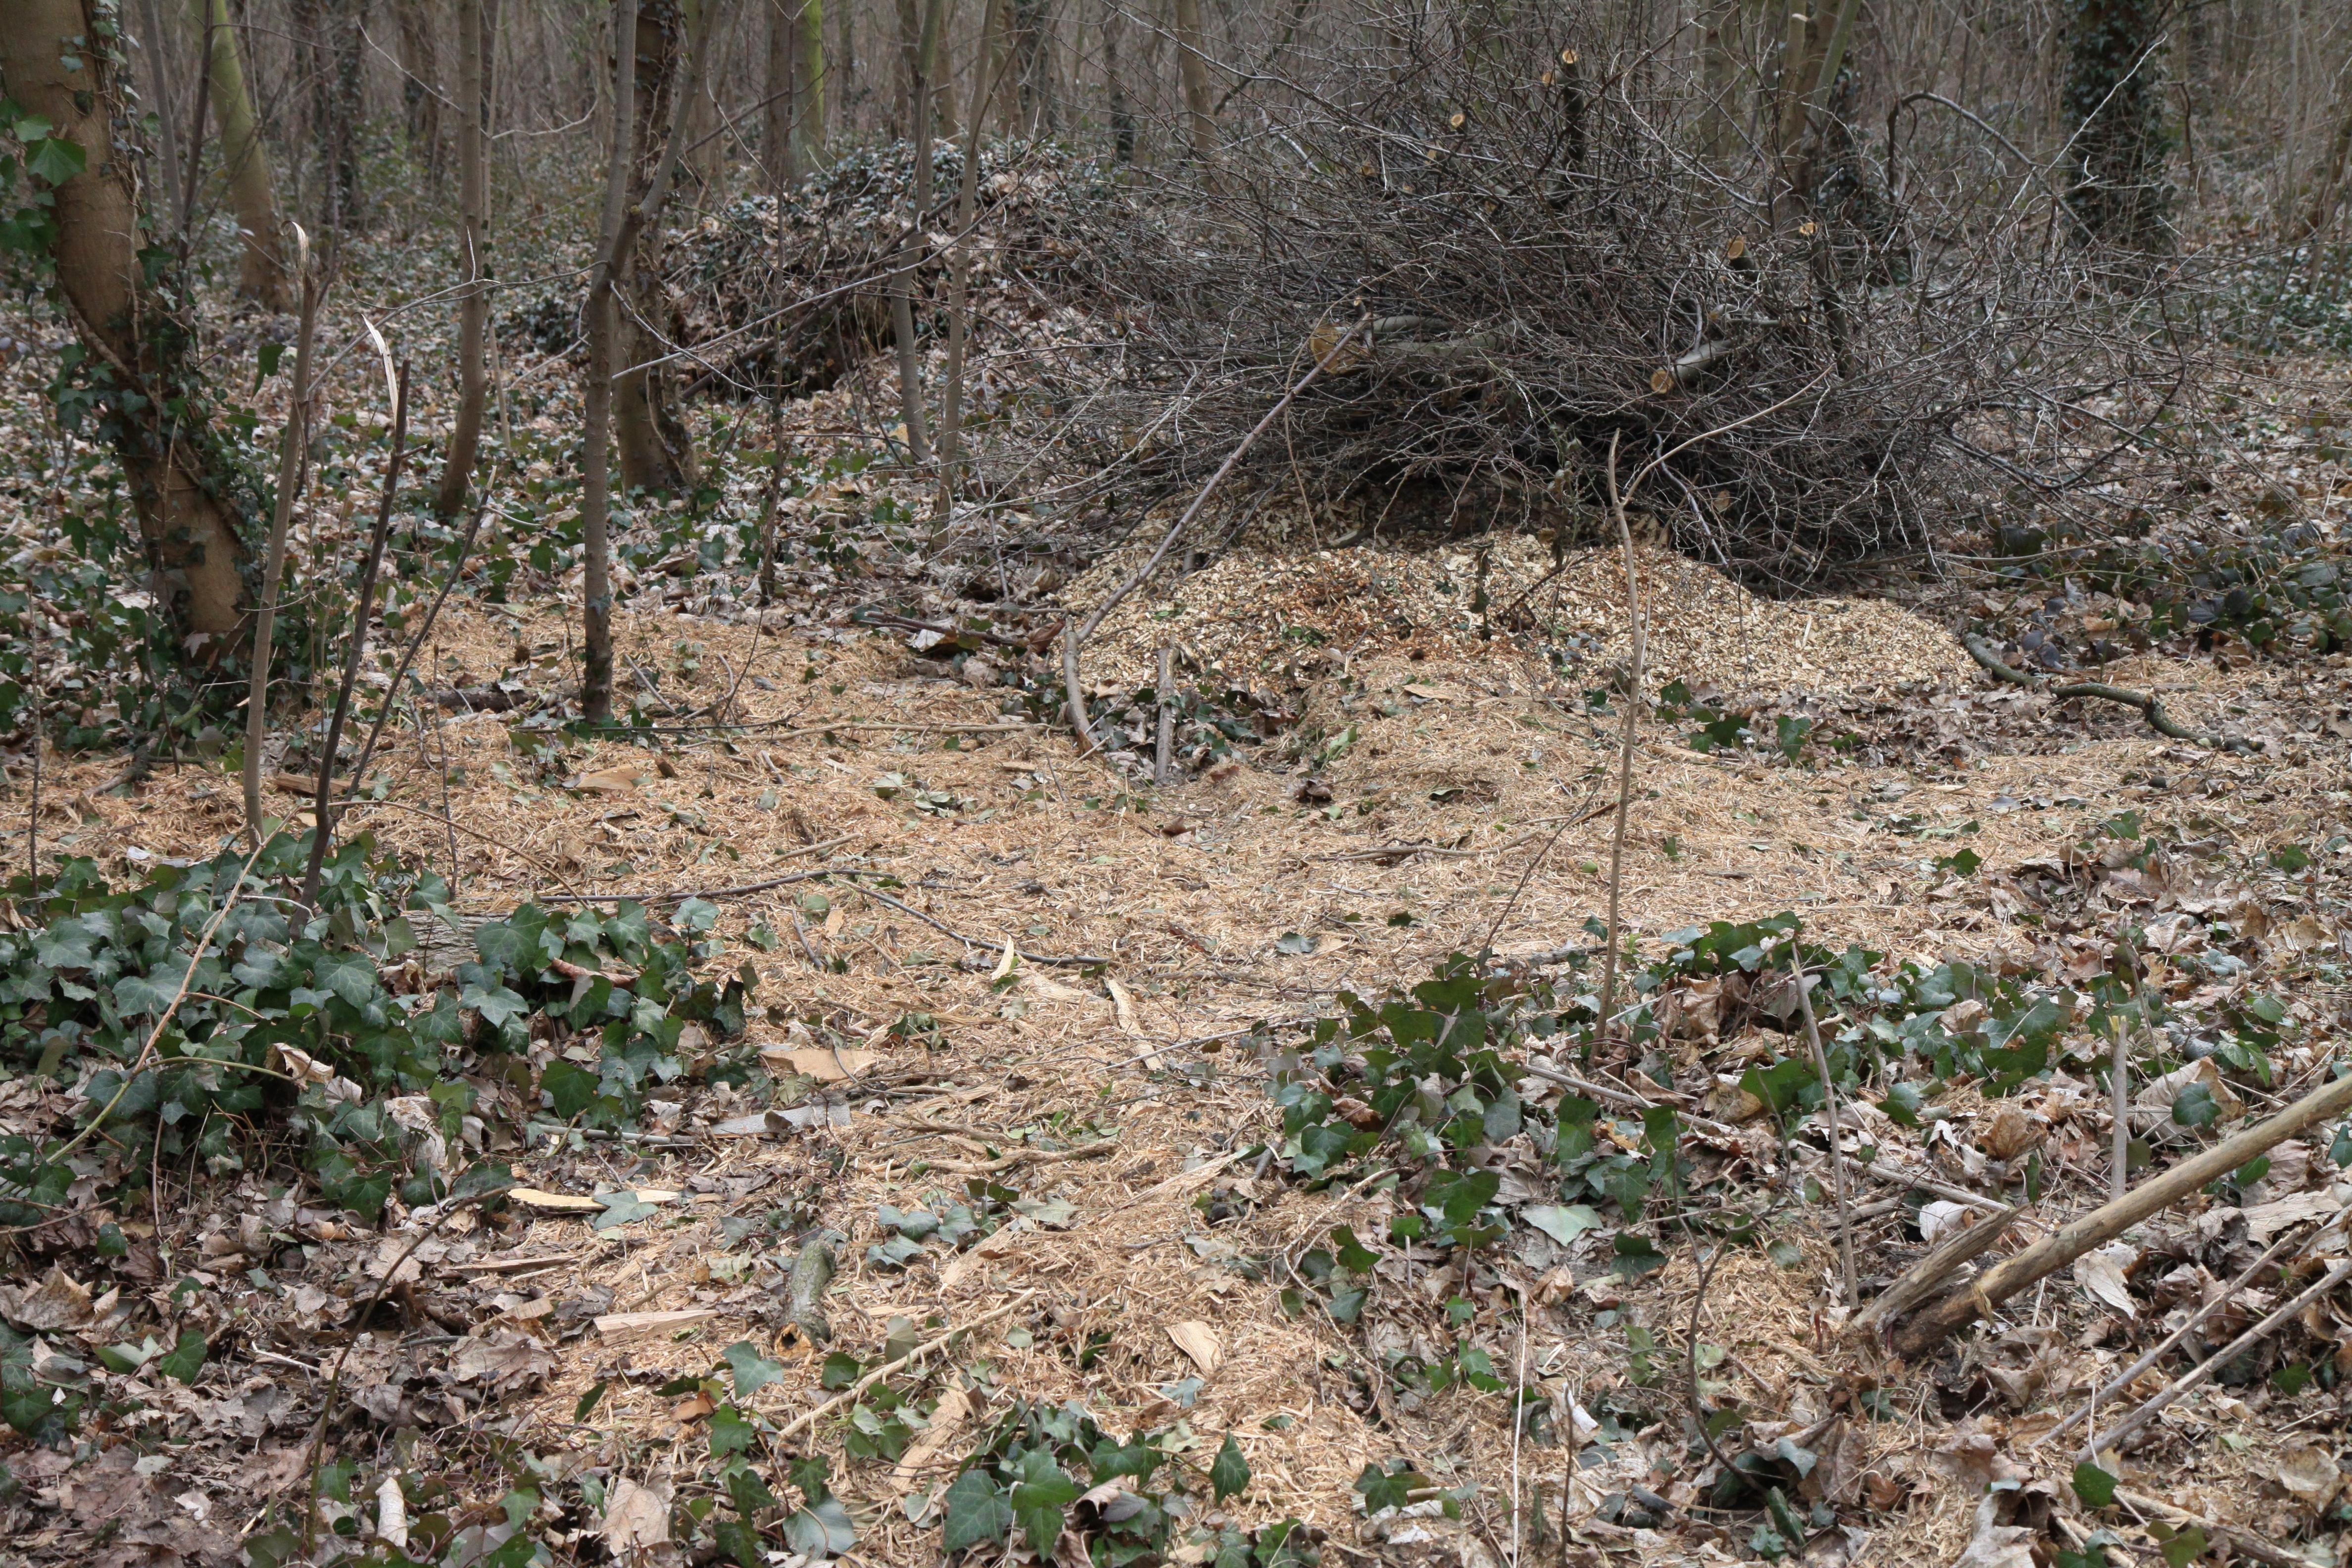 Compost De Feuilles D Érable bois raméal fragmenté — wikipédia